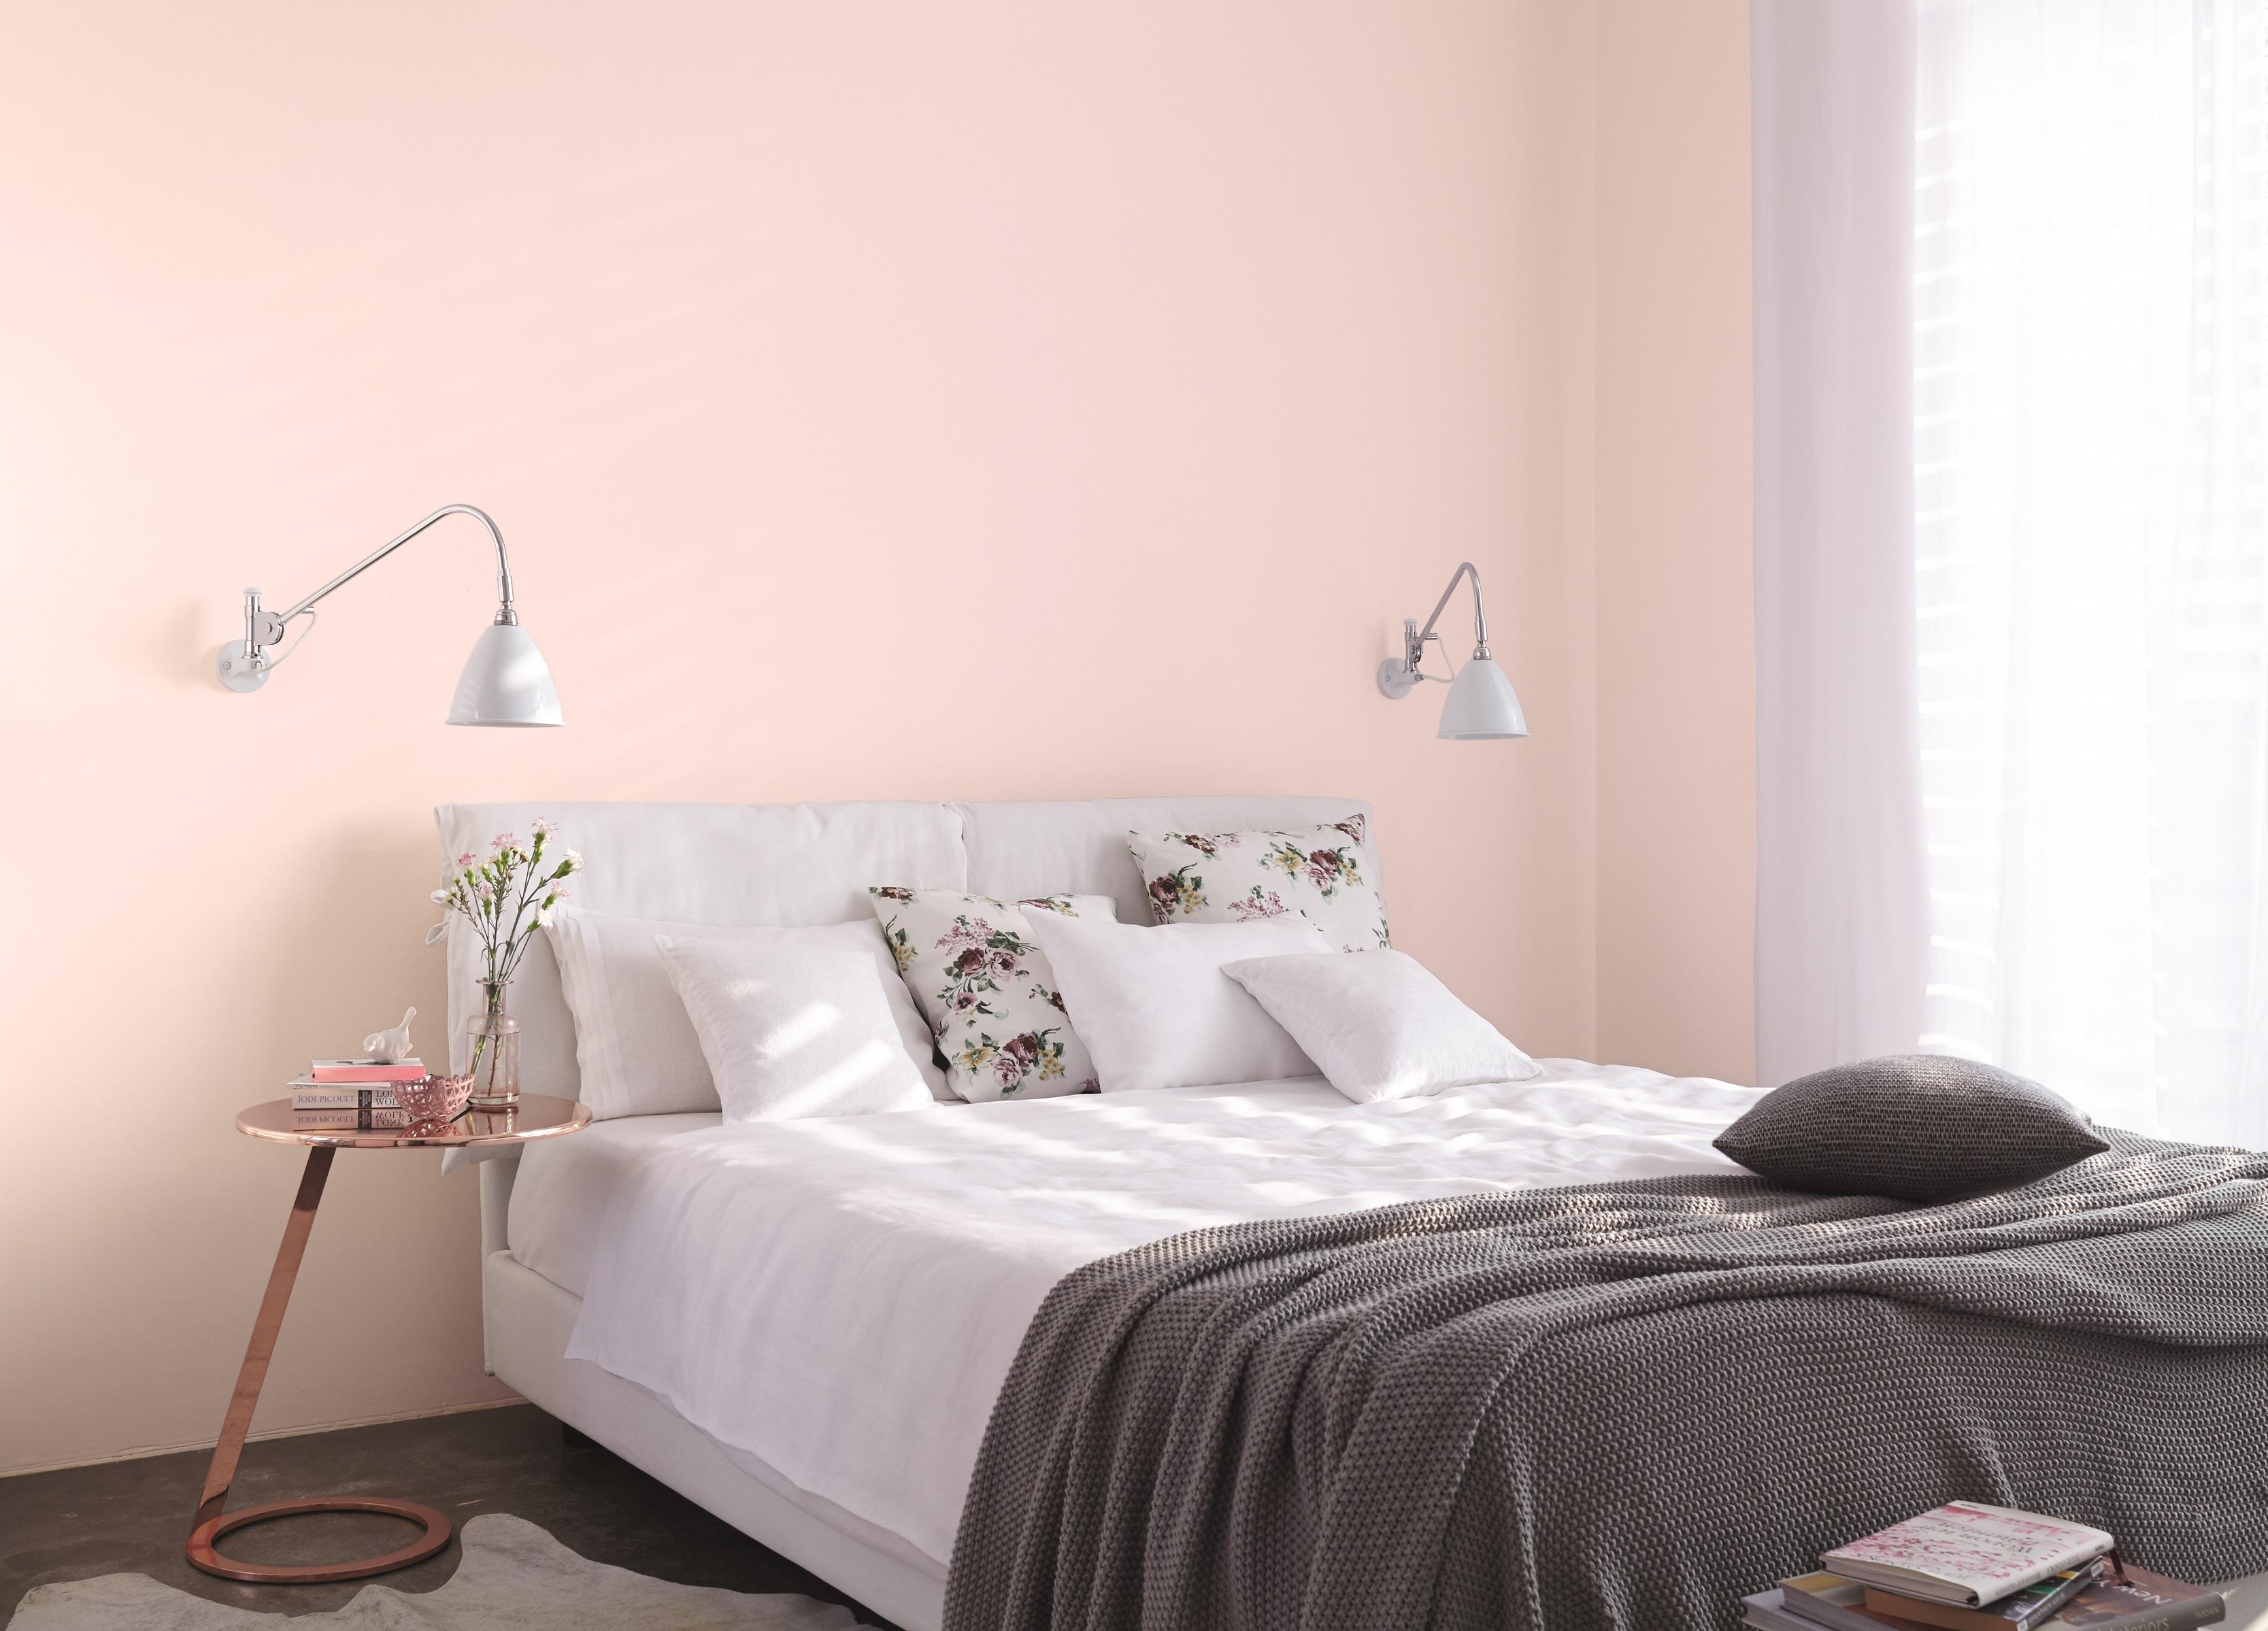 Ideen f r die gestaltung vom schlafzimmer alpina farbe einrichten - Welche farbe passt ins schlafzimmer ...